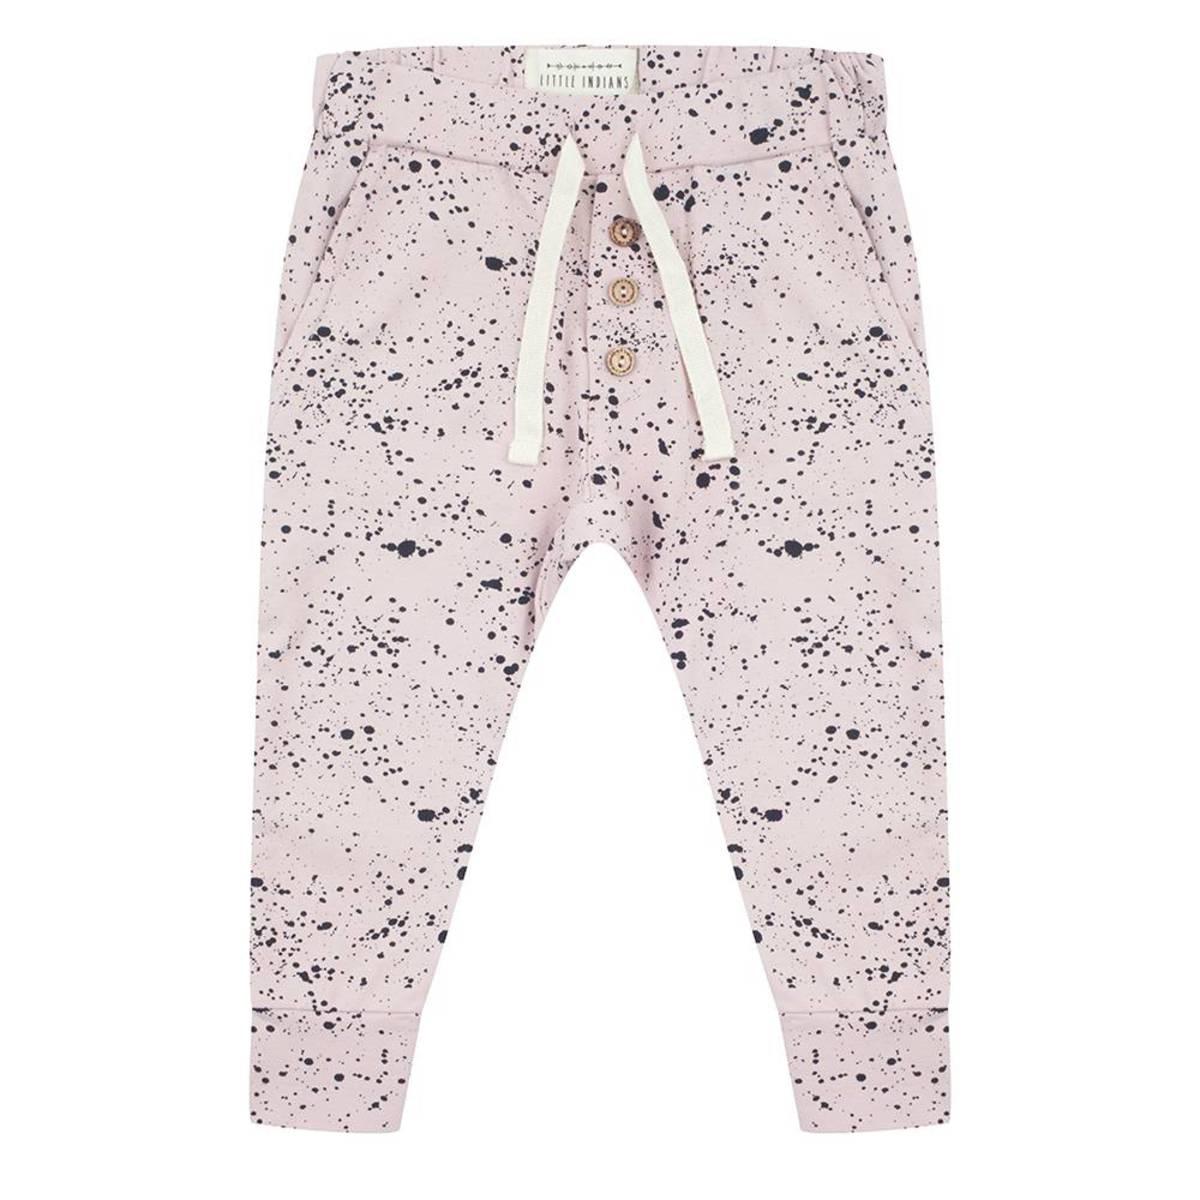 Bas Bébé Pantalon Splash Rose - 12/18 mois Pantalon Splash Rose - 12/18 mois